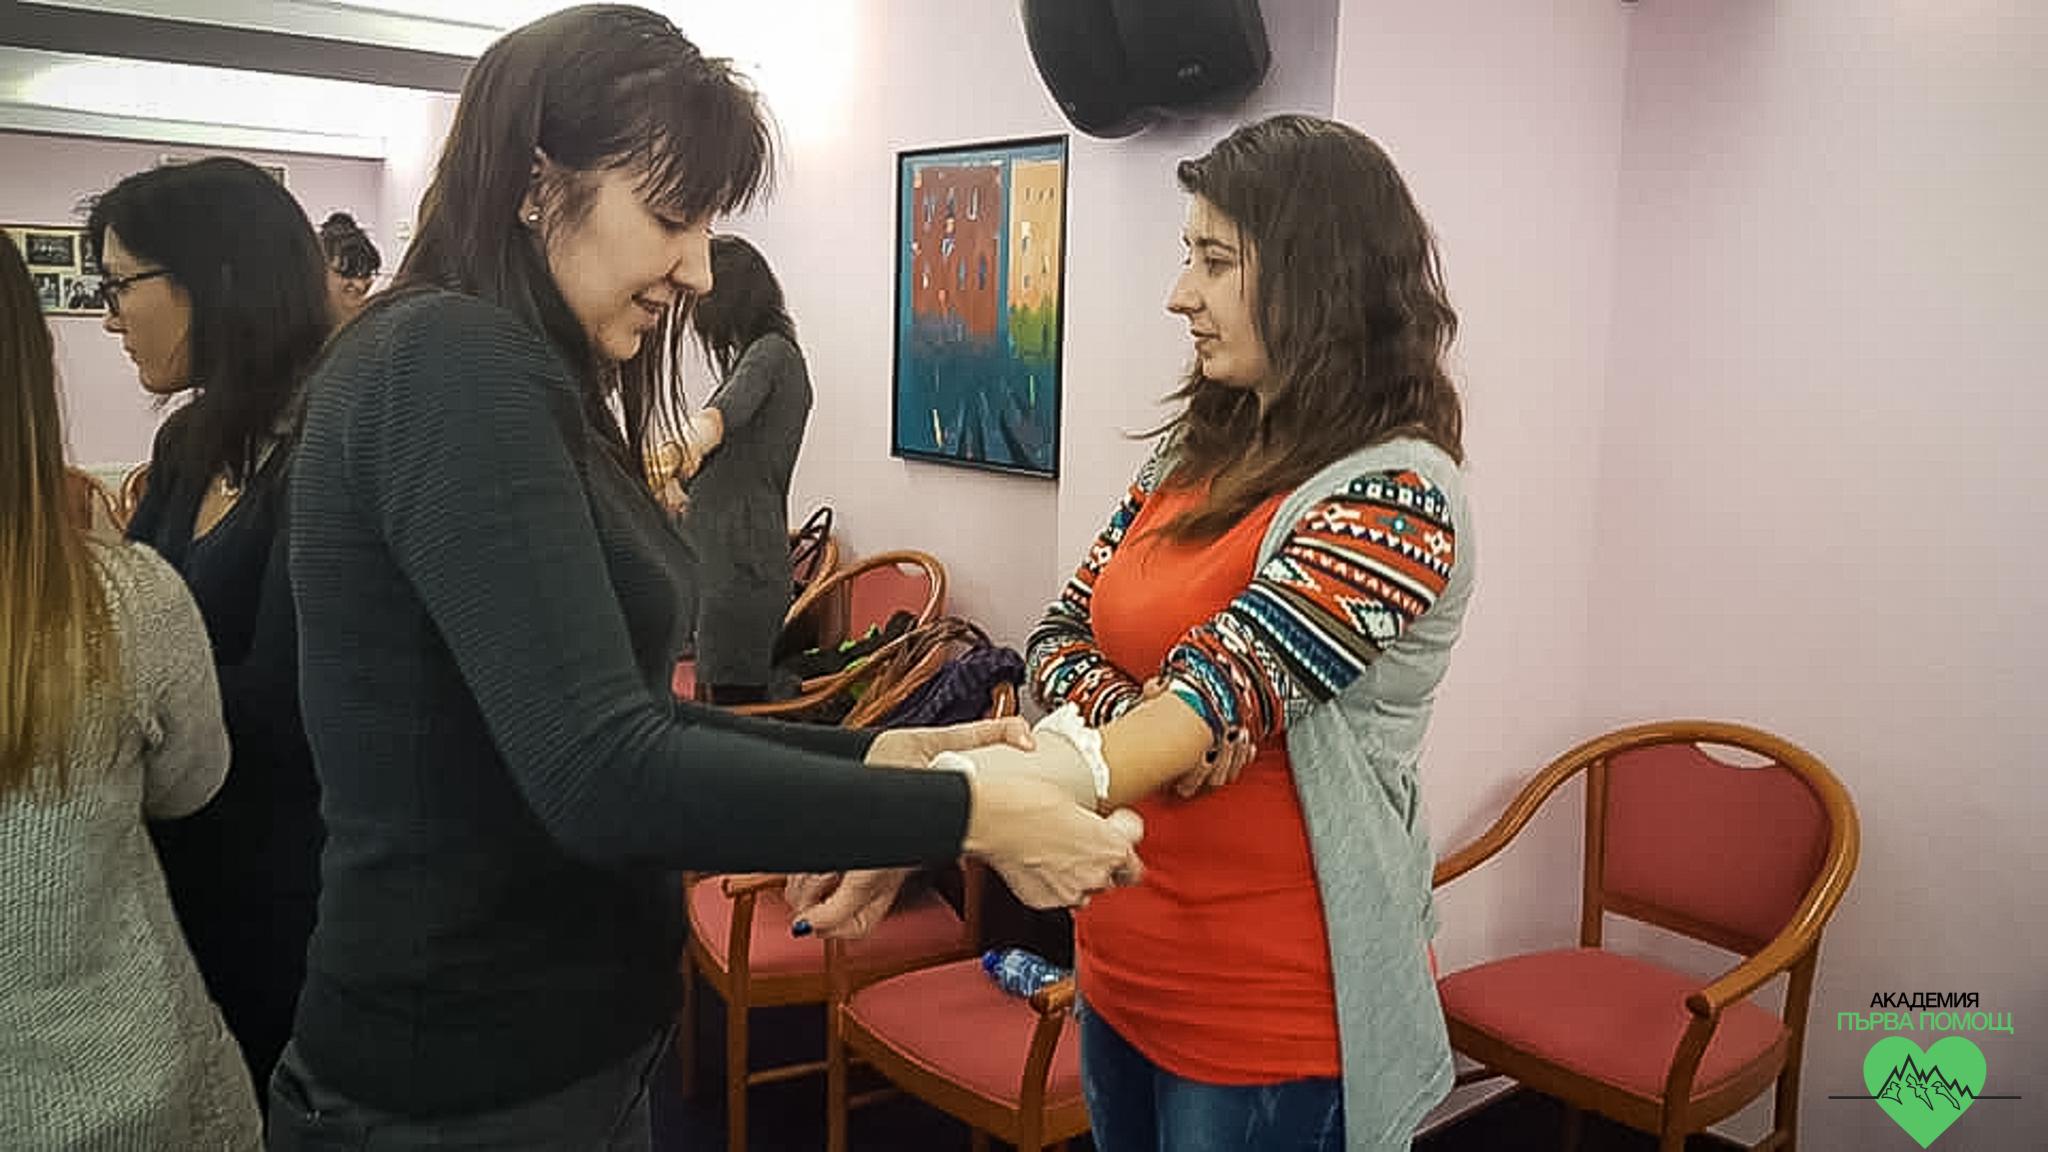 Академия Първа Помощ Спешни детски състояния спешни детски състояния